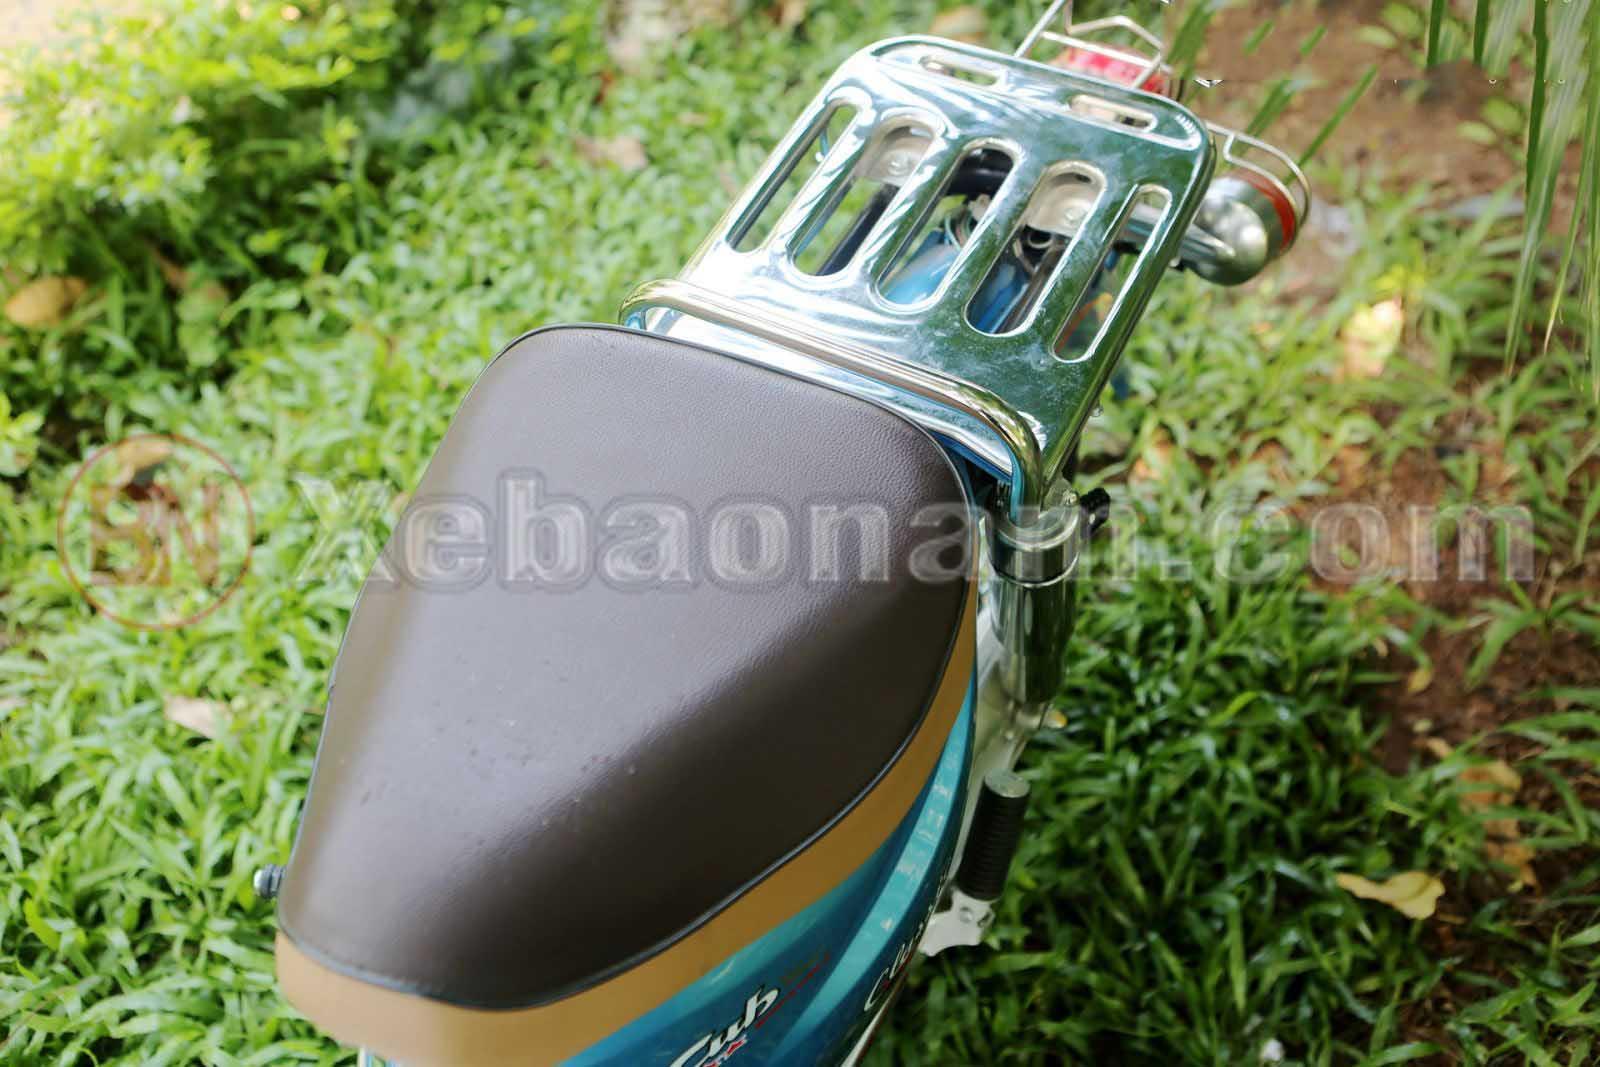 Đôi yên xe cub 81 50cc việt thái